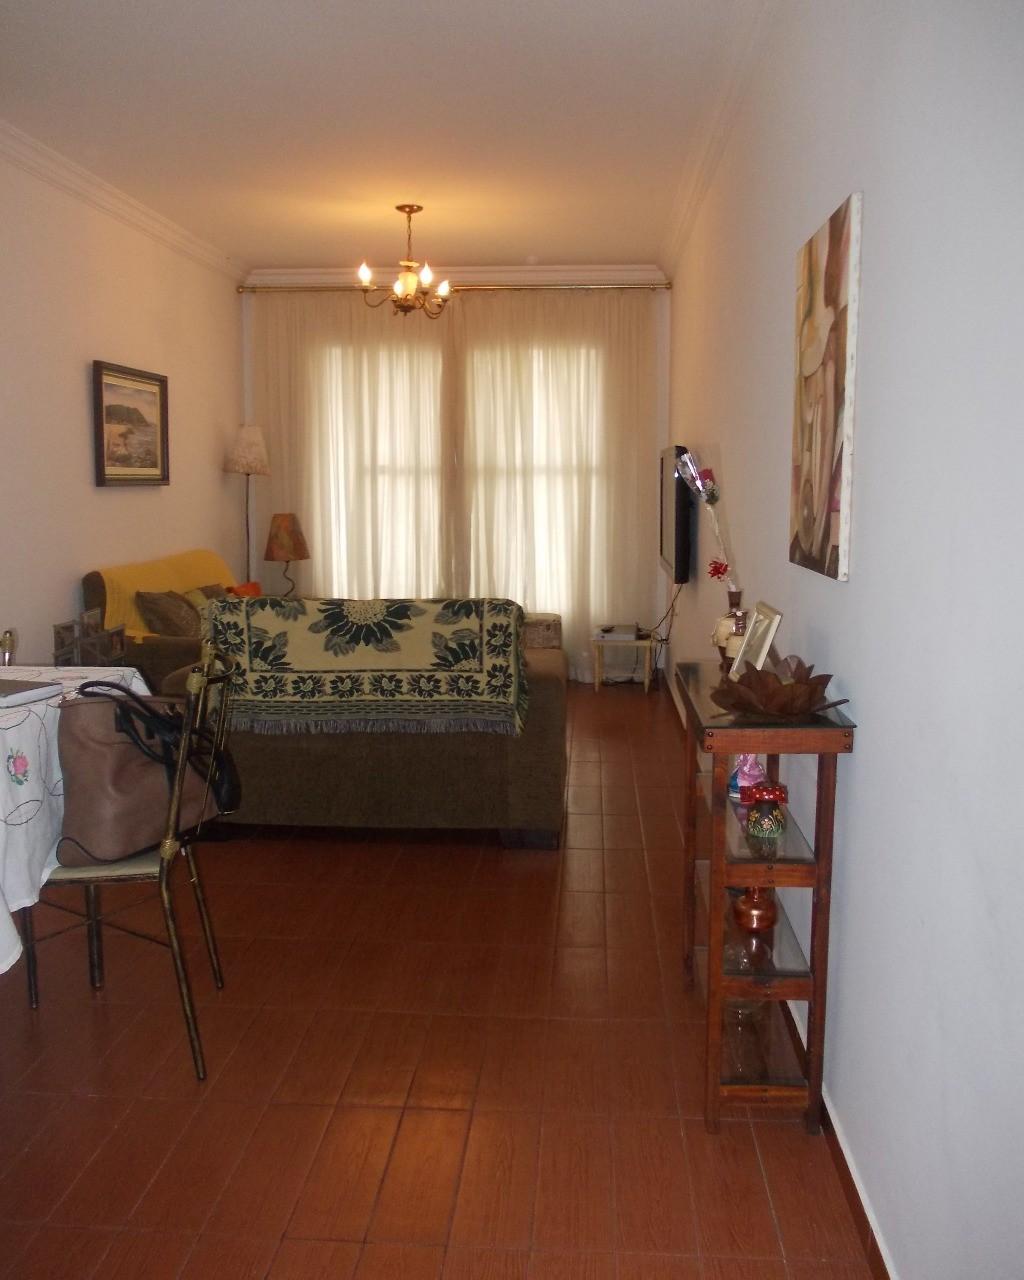 comprar ou alugar apartamento no bairro socorro na cidade de sao paulo-sp